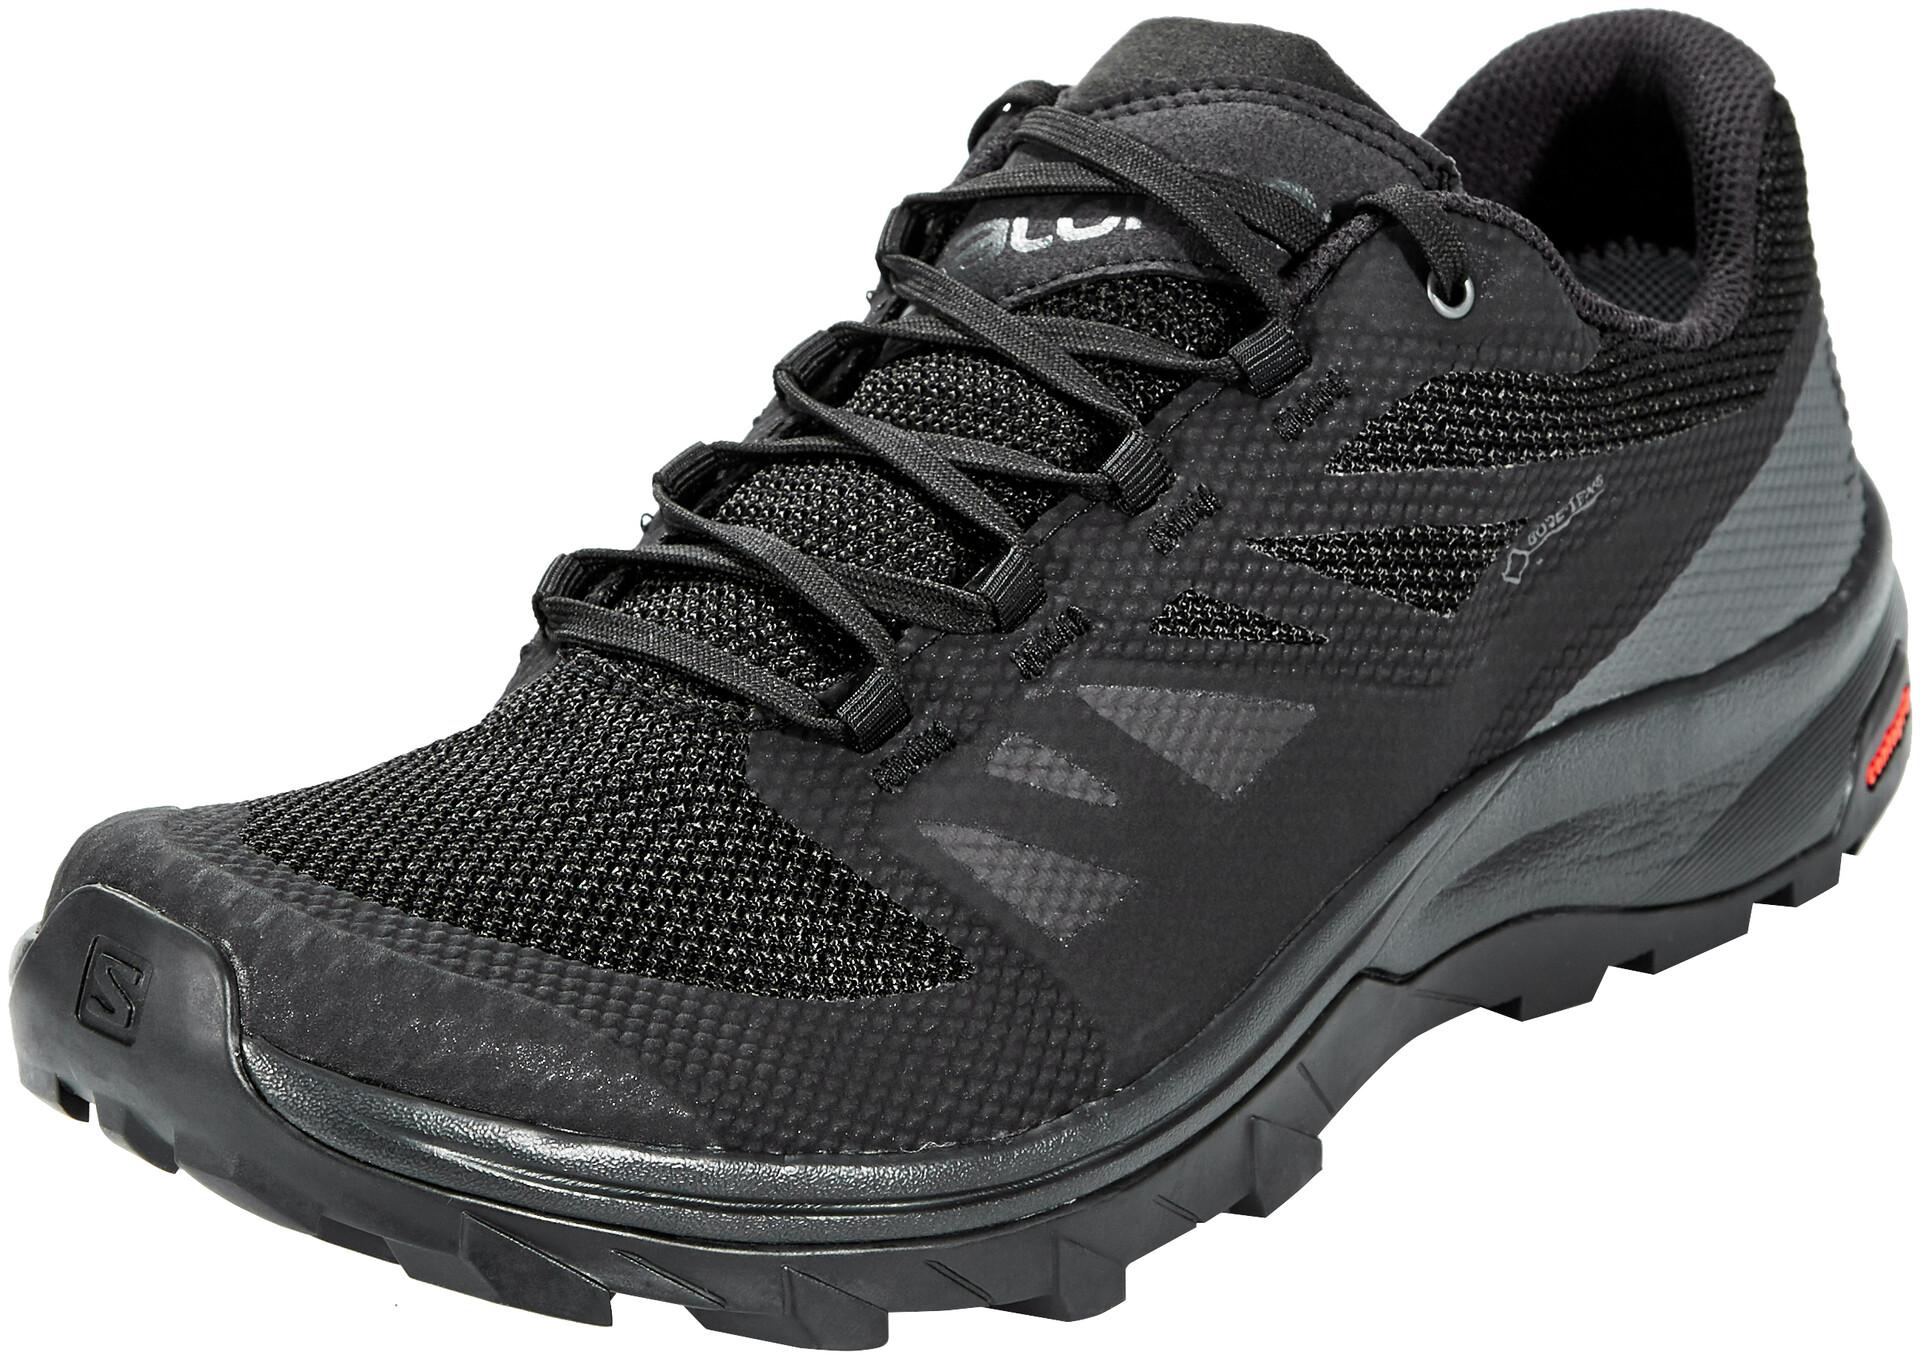 salomon outline gtx hiking shoes - men's de